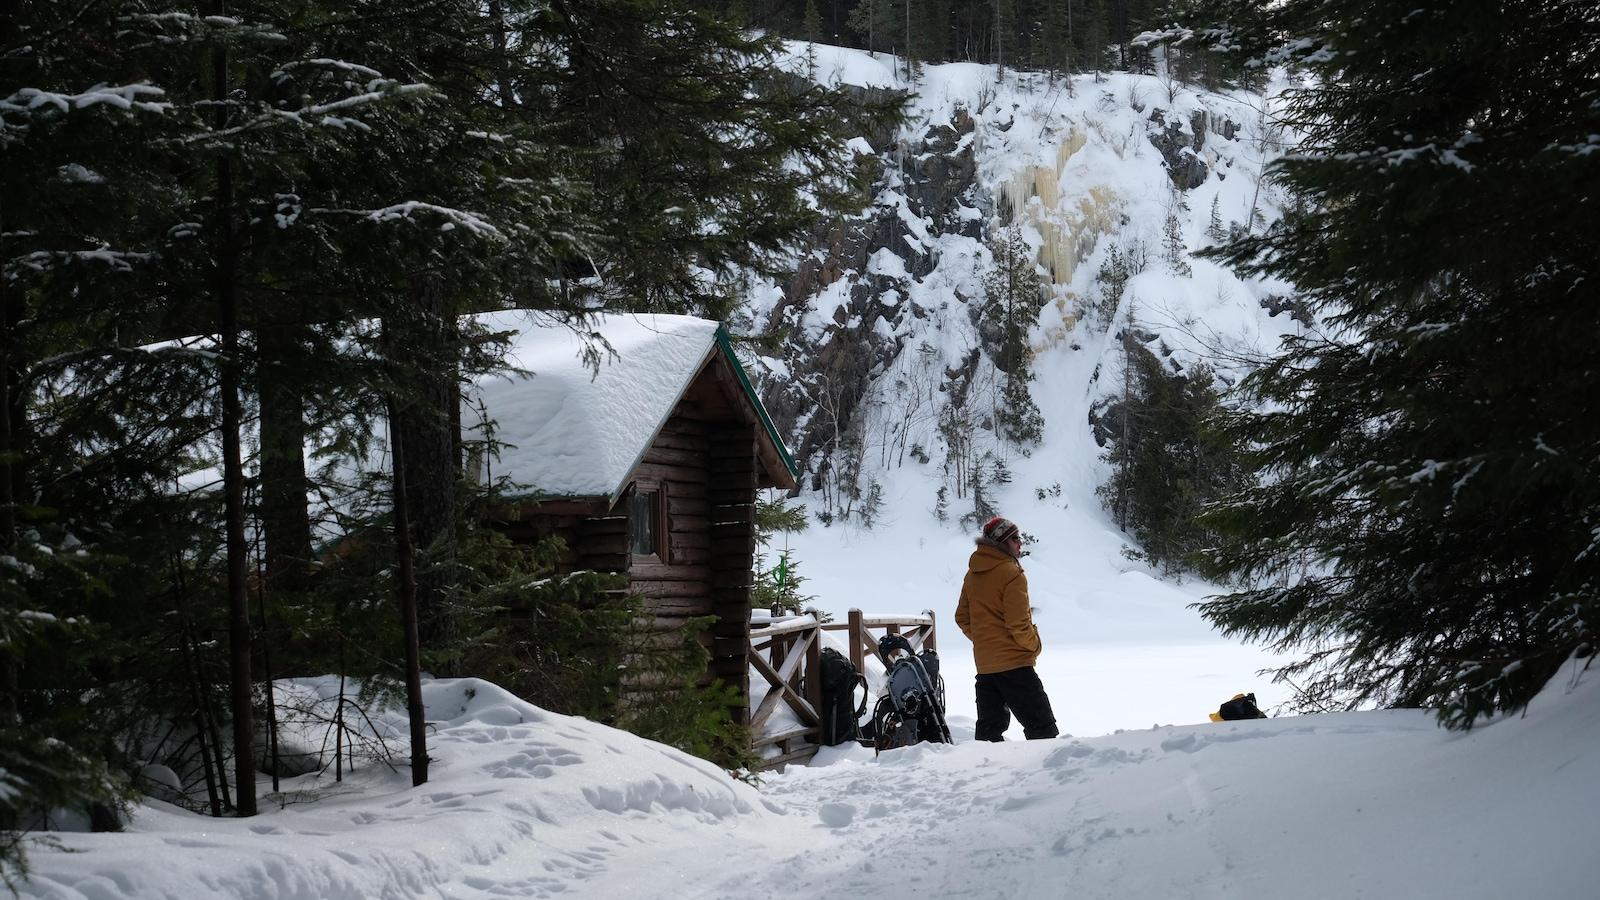 Un homme se tient à proximité d'un chalet. Une paroi glacée est visible à l'arrière-plan.